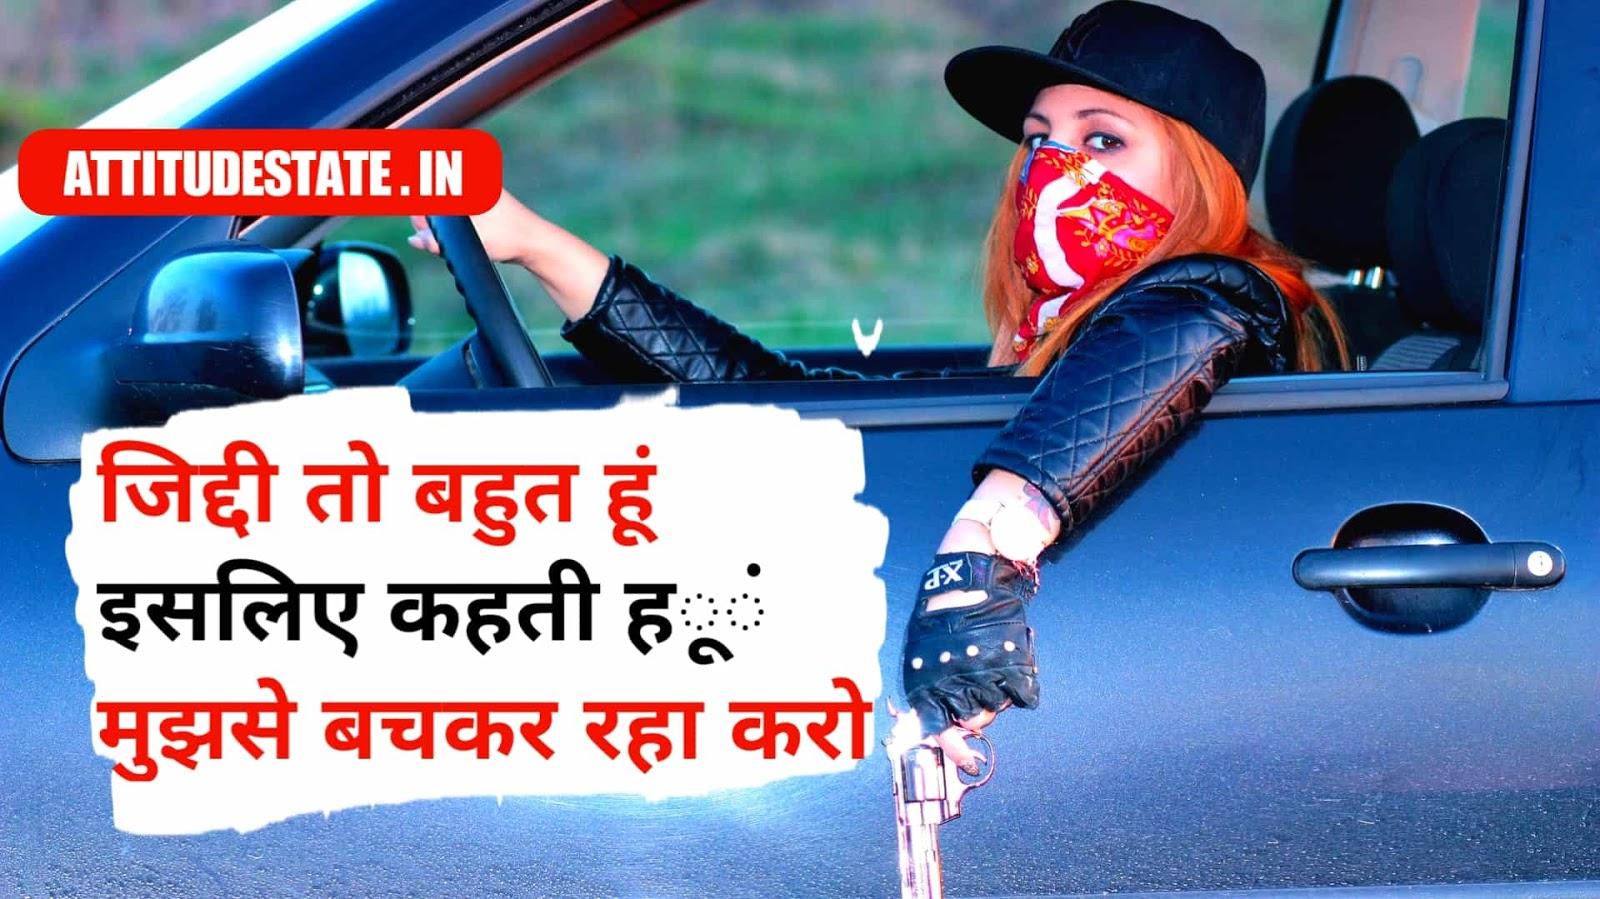 23 Status For Girls In Hindi Quotes Shayari Pics Best Shayari Status Quotes In Hindi 2021